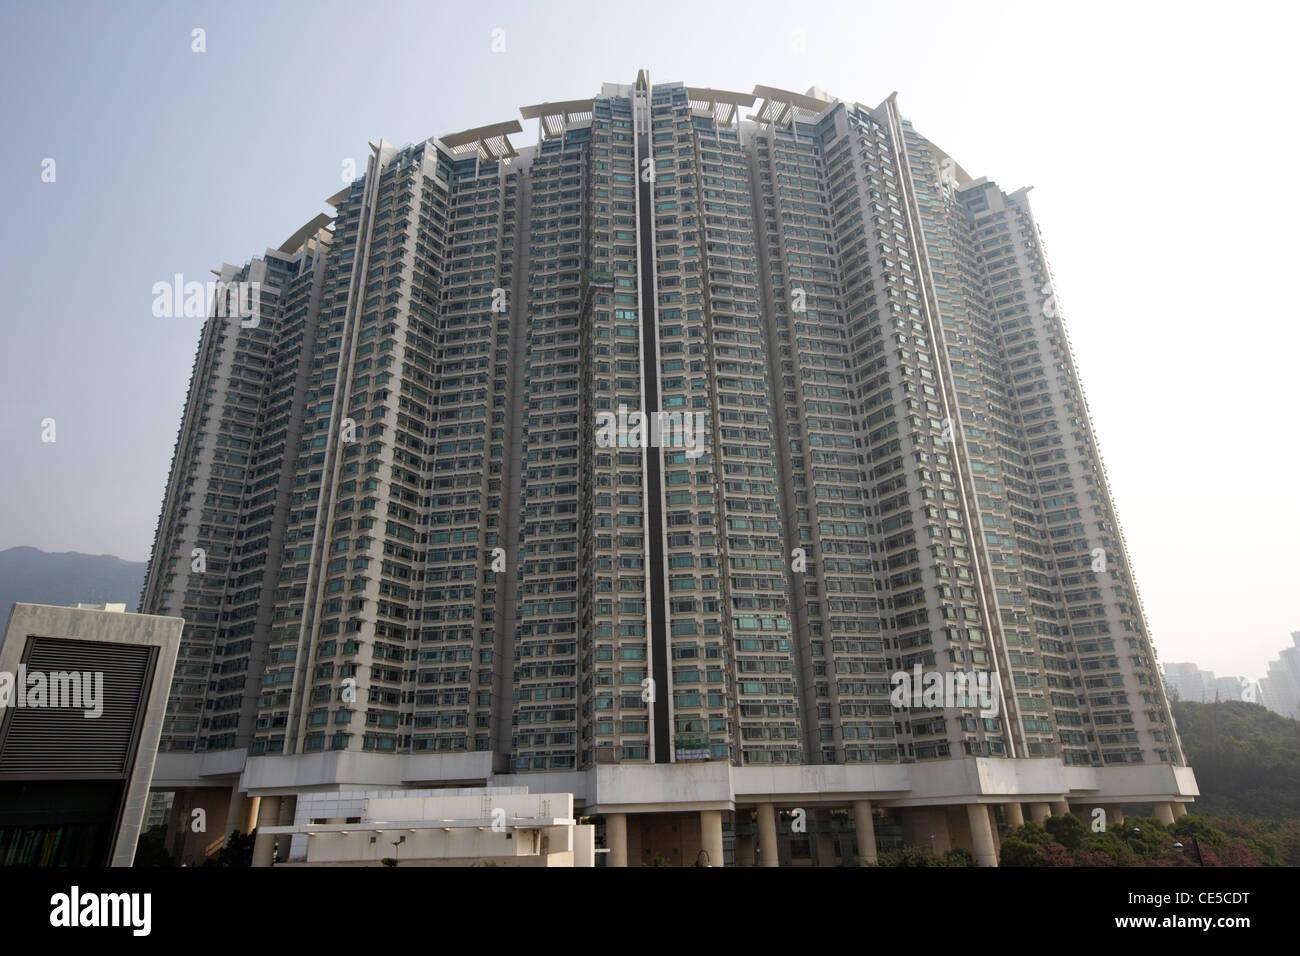 tung chung crescent apartment blocks lantau island hong kong hksar china asia - Stock Image